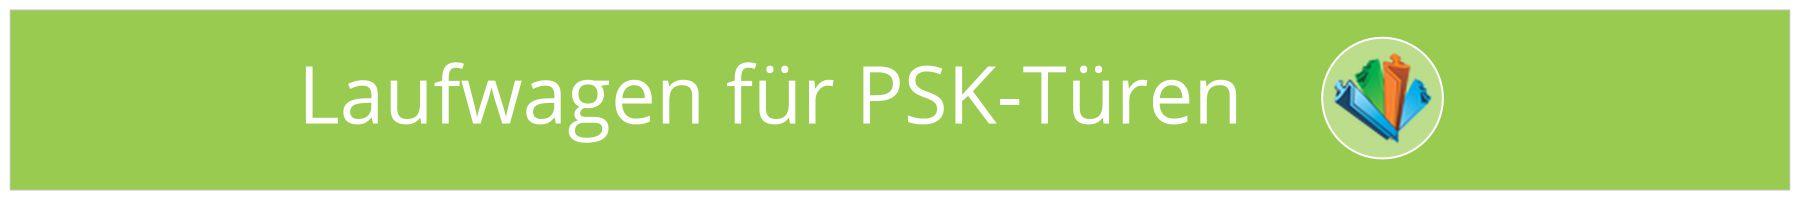 PSK-Türen Laufwagen